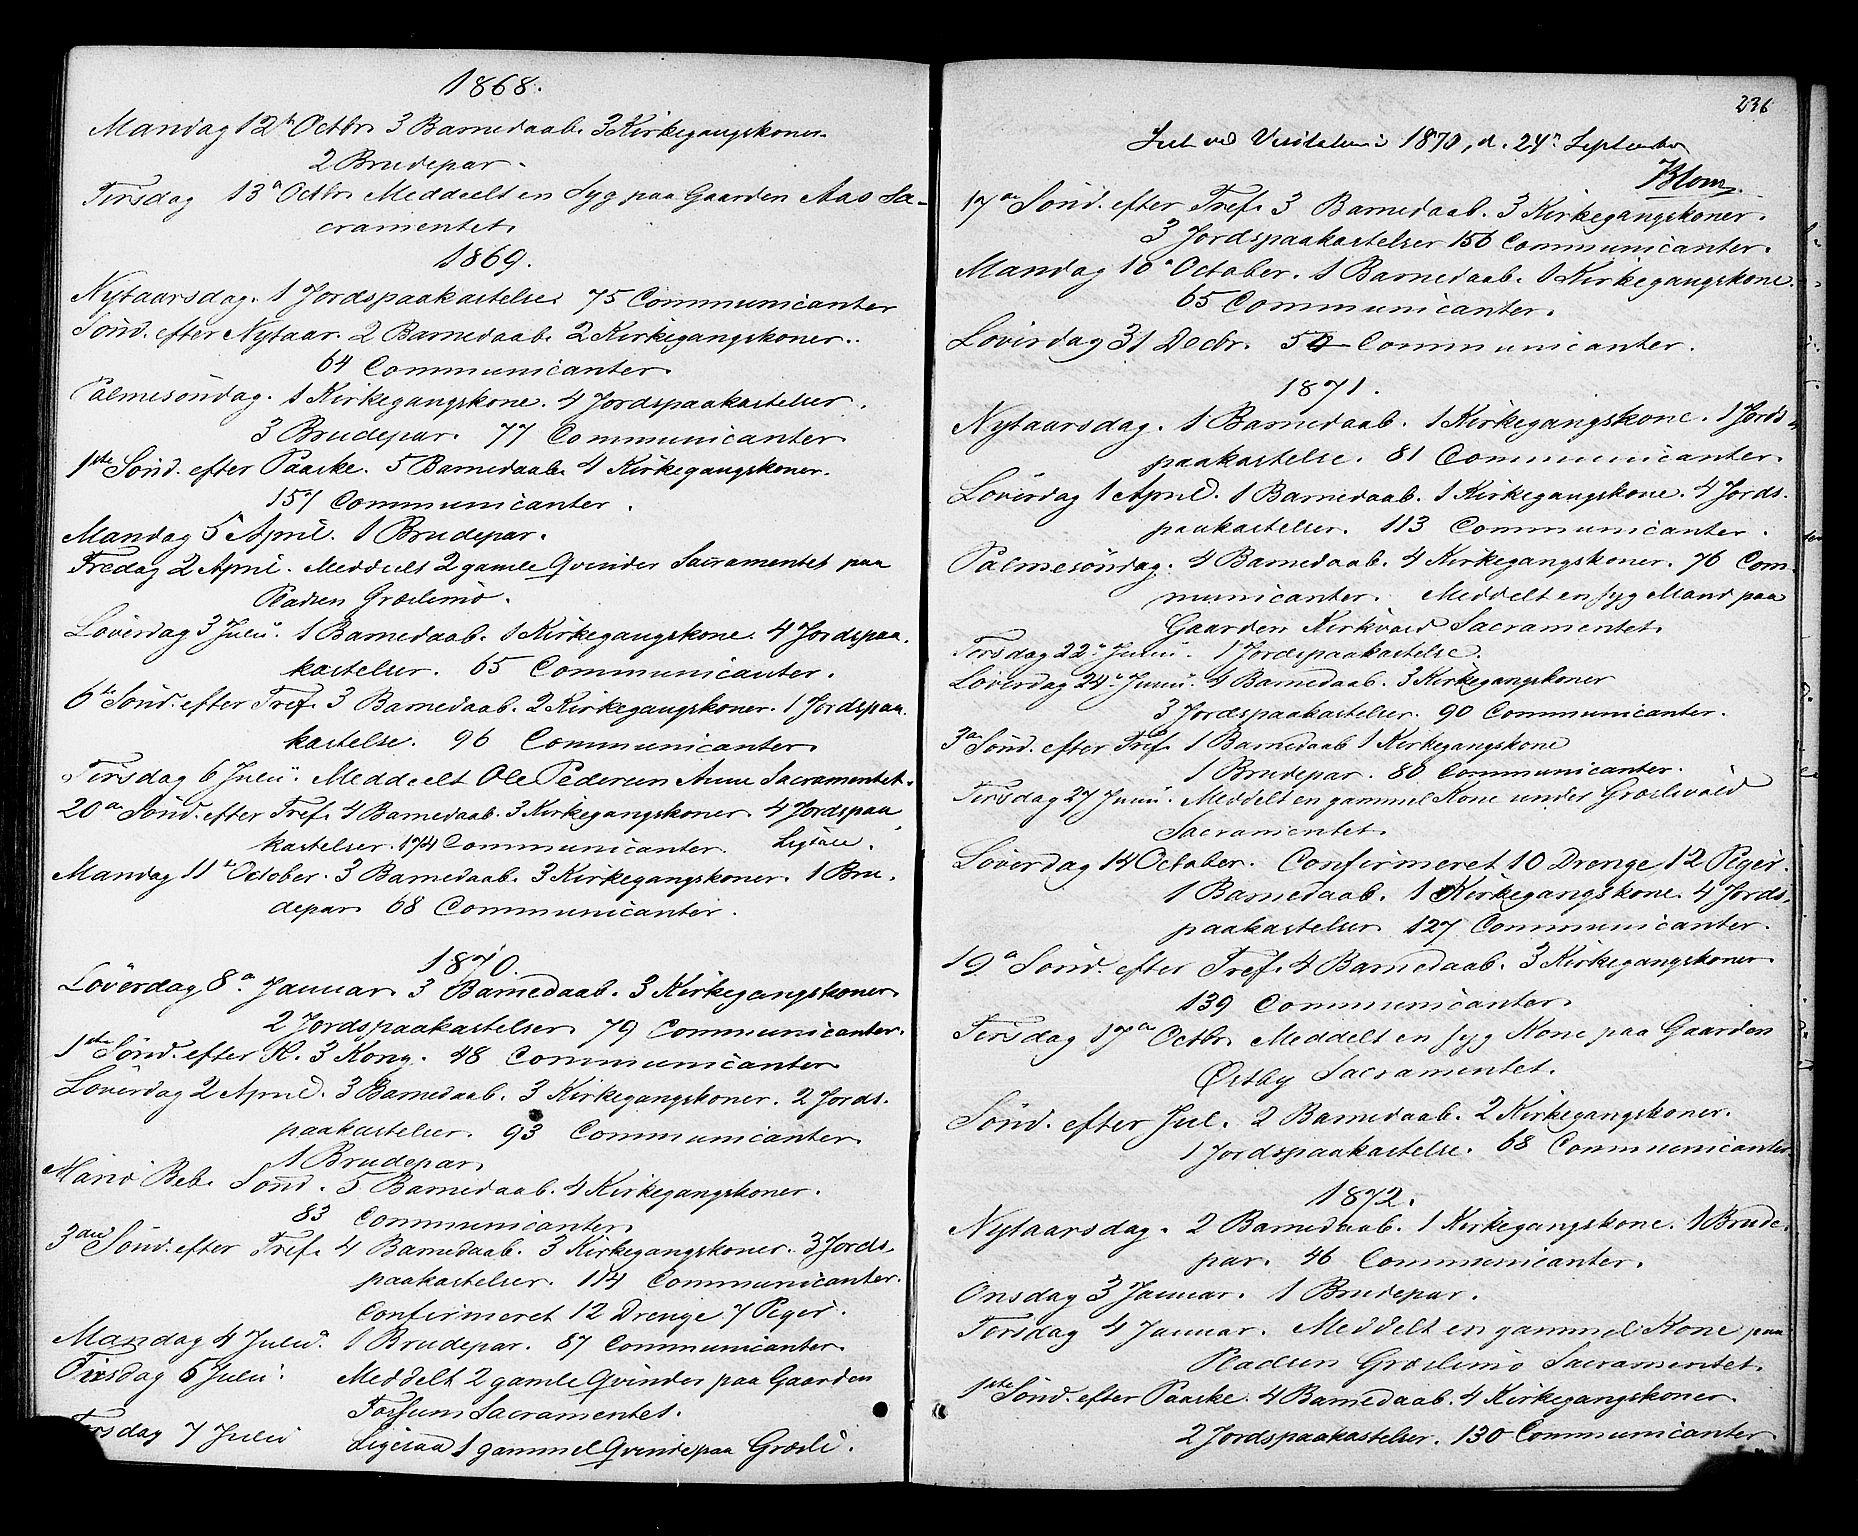 SAT, Ministerialprotokoller, klokkerbøker og fødselsregistre - Sør-Trøndelag, 698/L1163: Ministerialbok nr. 698A01, 1862-1887, s. 236